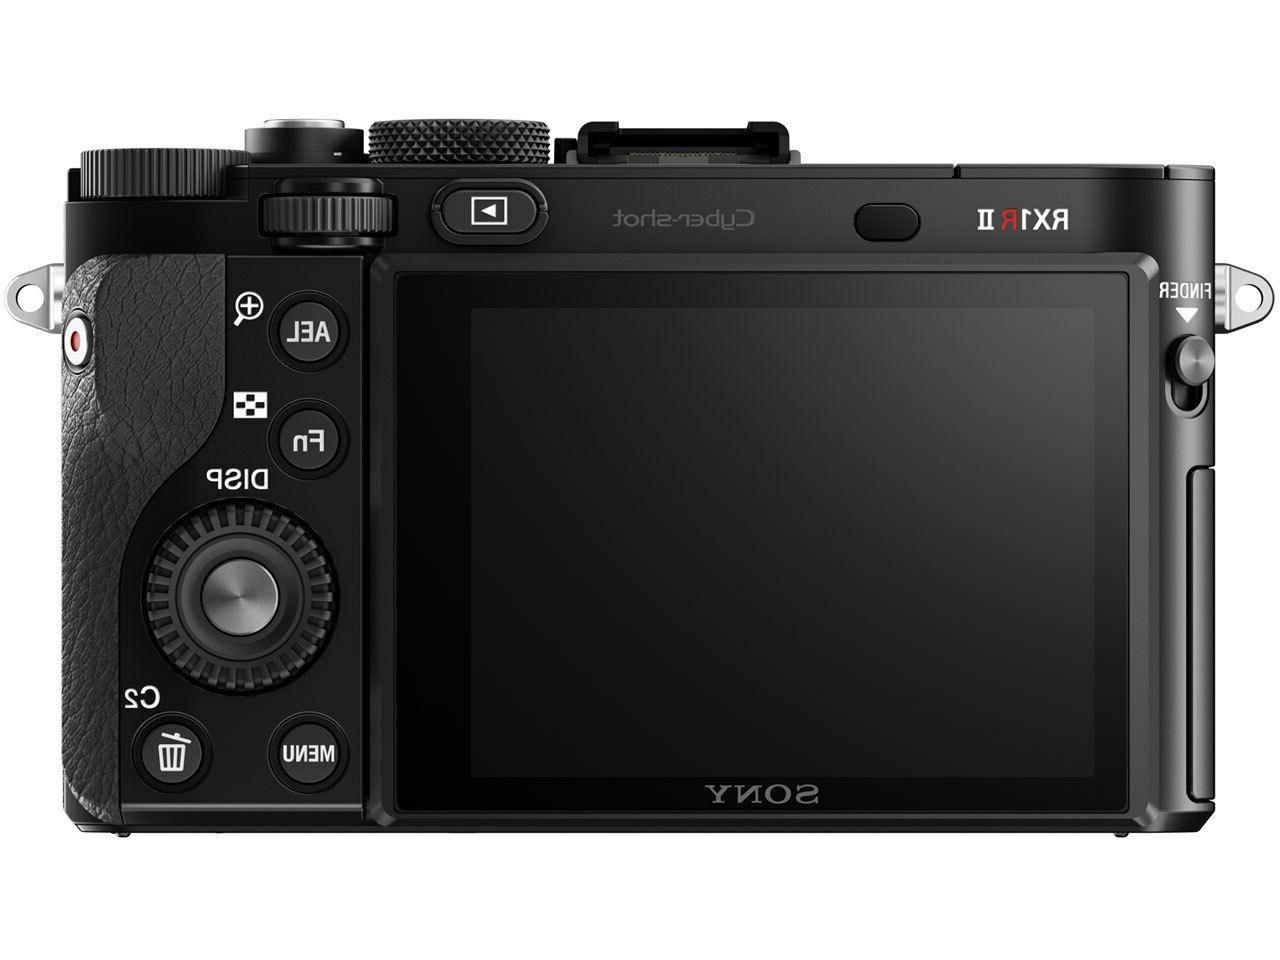 Sony Cyber-shot 2 size Wi-Fi R